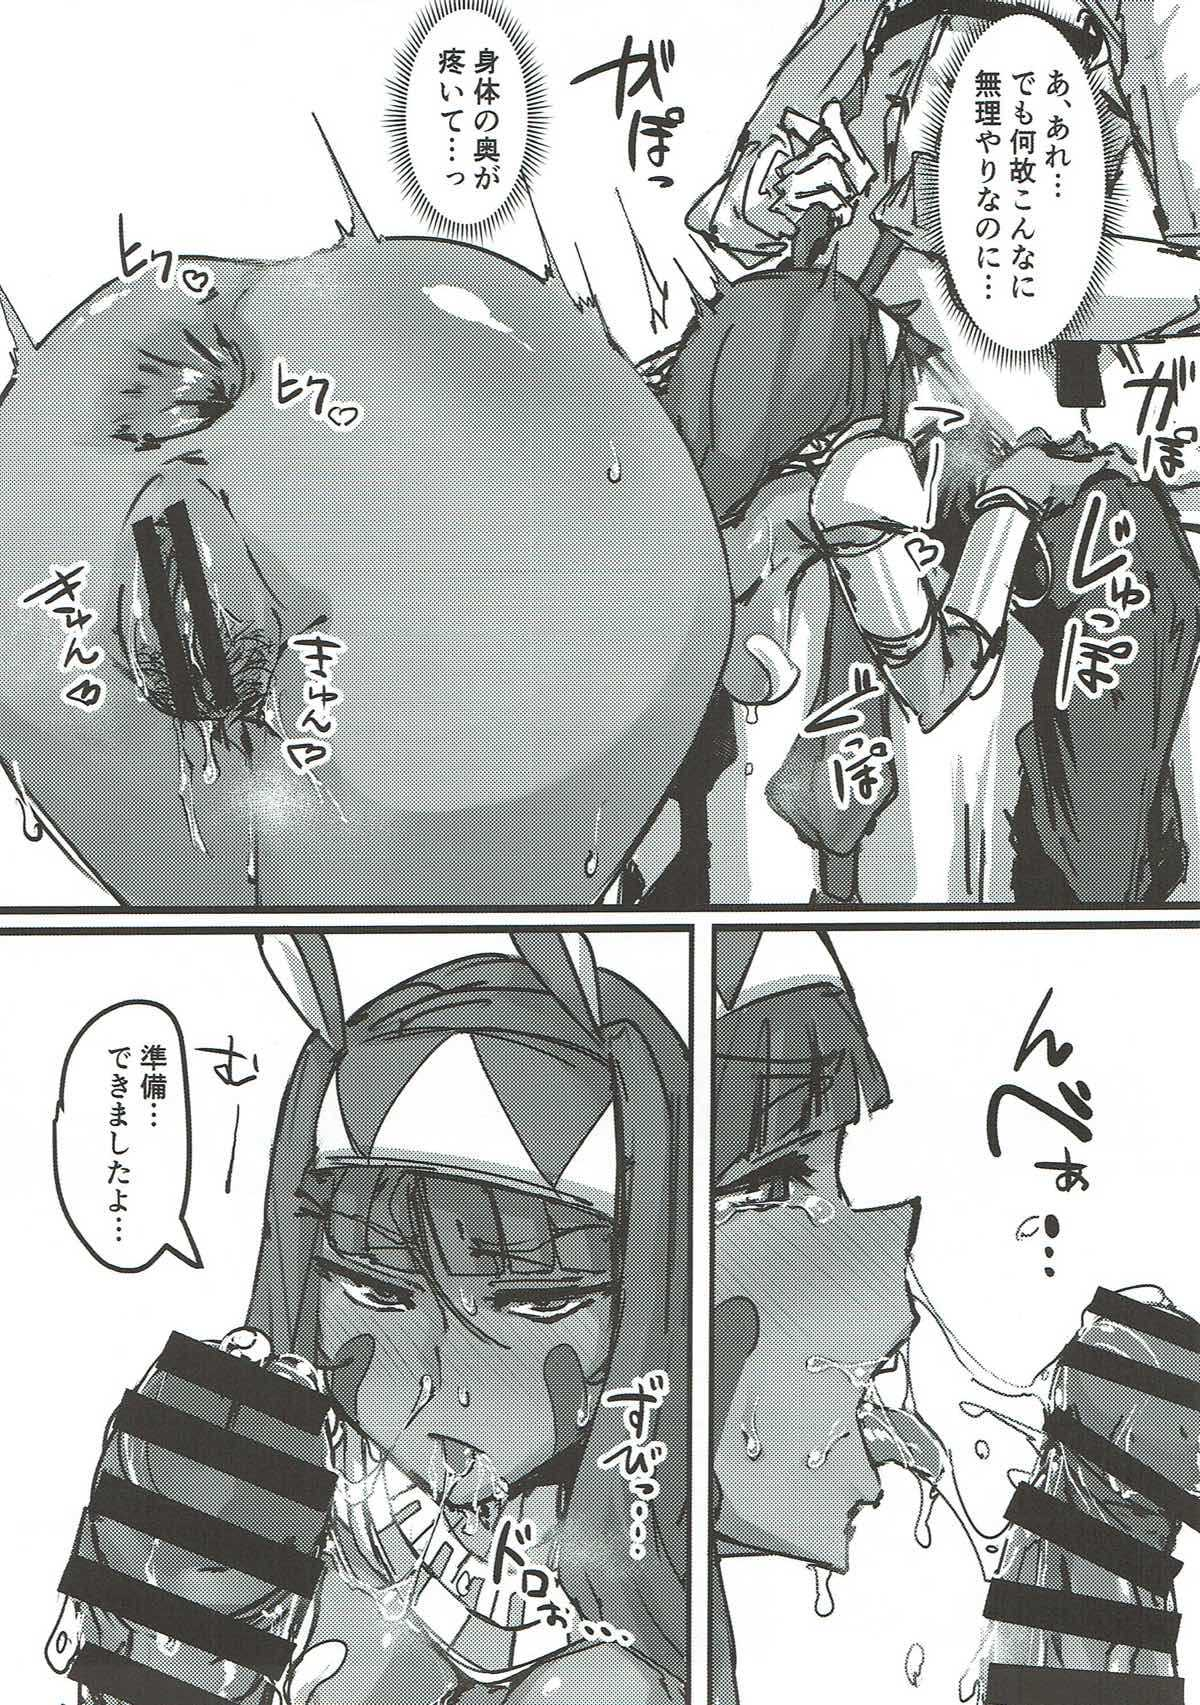 【エロ同人誌】ニトクリスと牛若丸にアナルへ中出しで魔力供給www【Fate/Grand Order/C92】